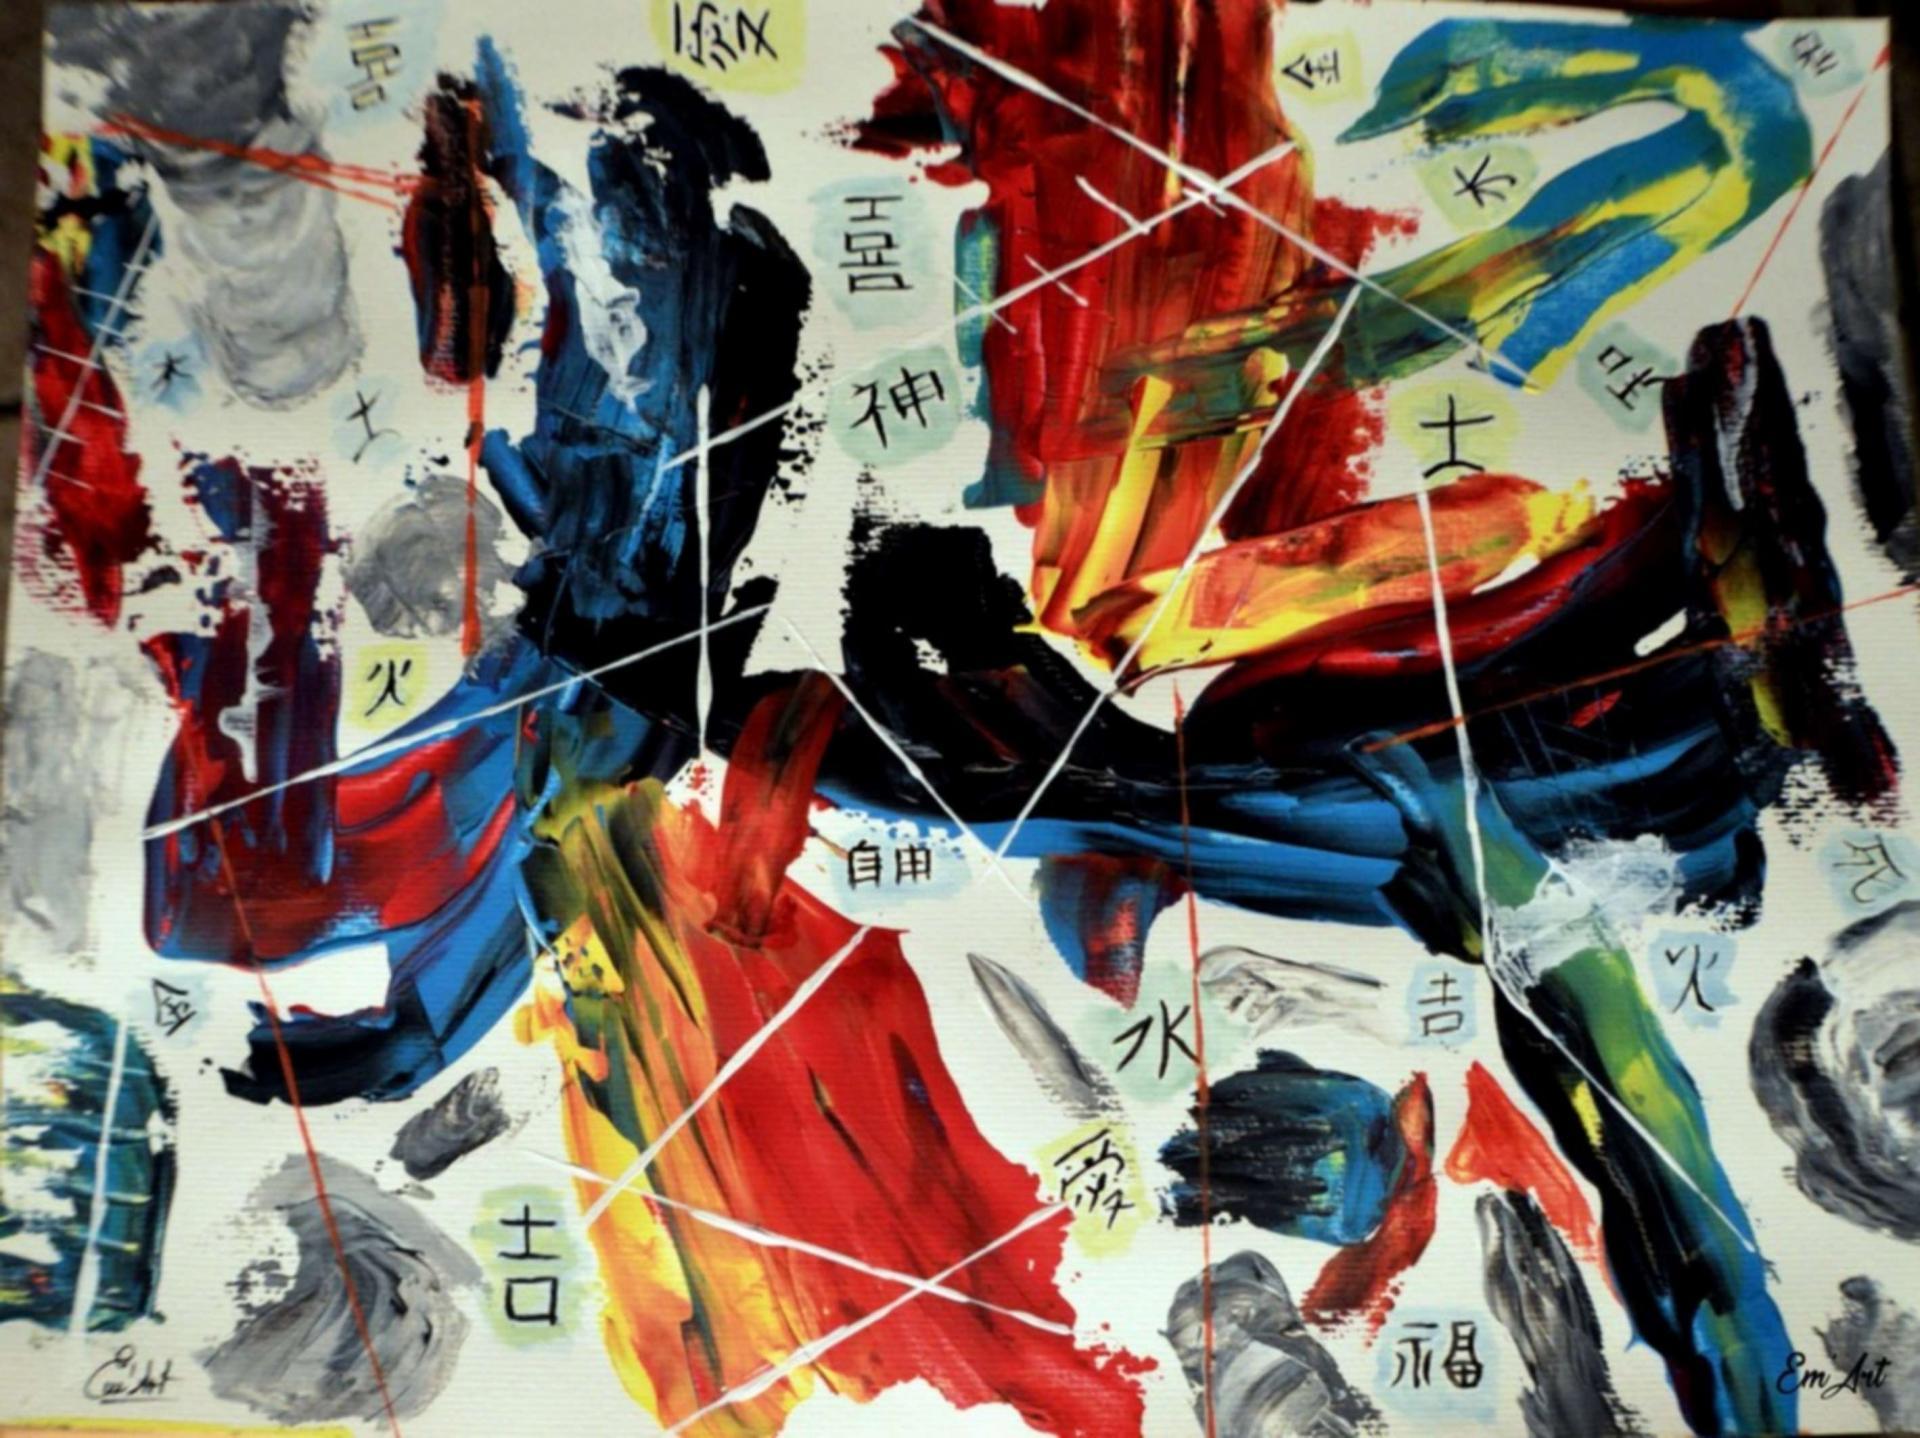 Célébration, acrylique abstraite sur papier par Em'Art